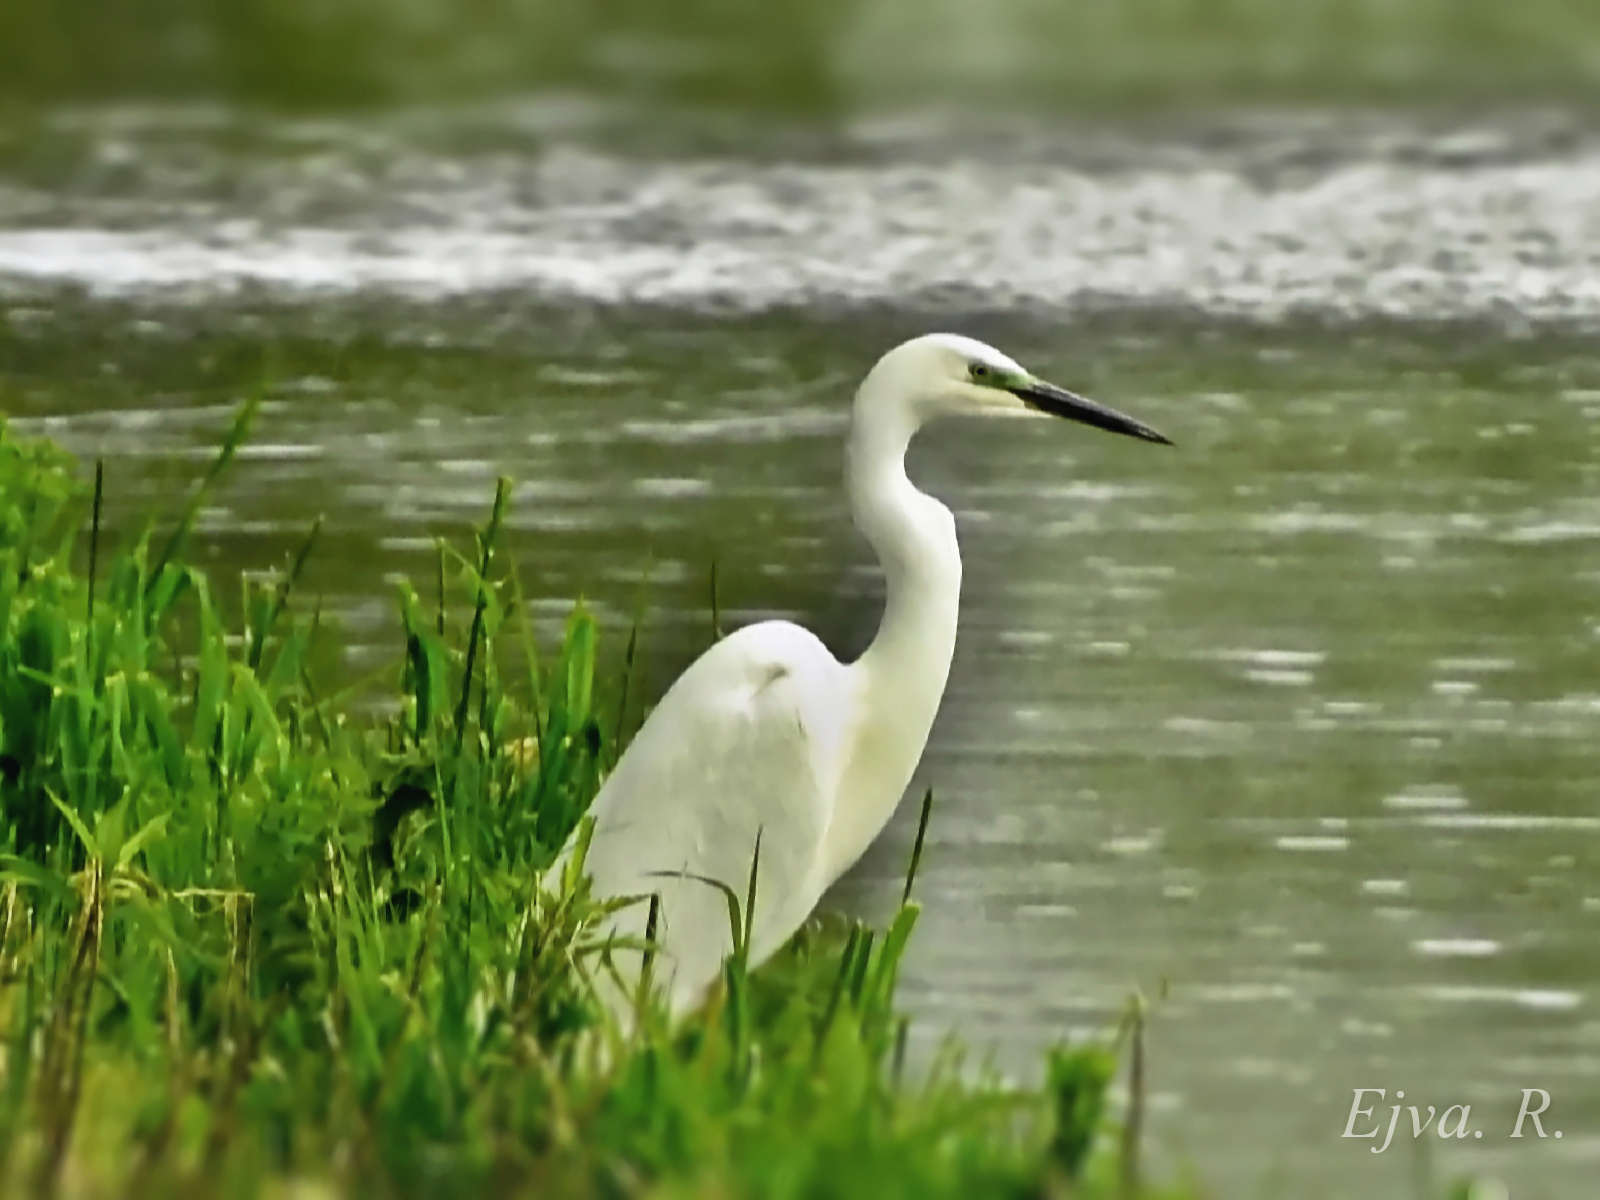 Halászat esőben/ Nagy kócsag (Ardea alba)